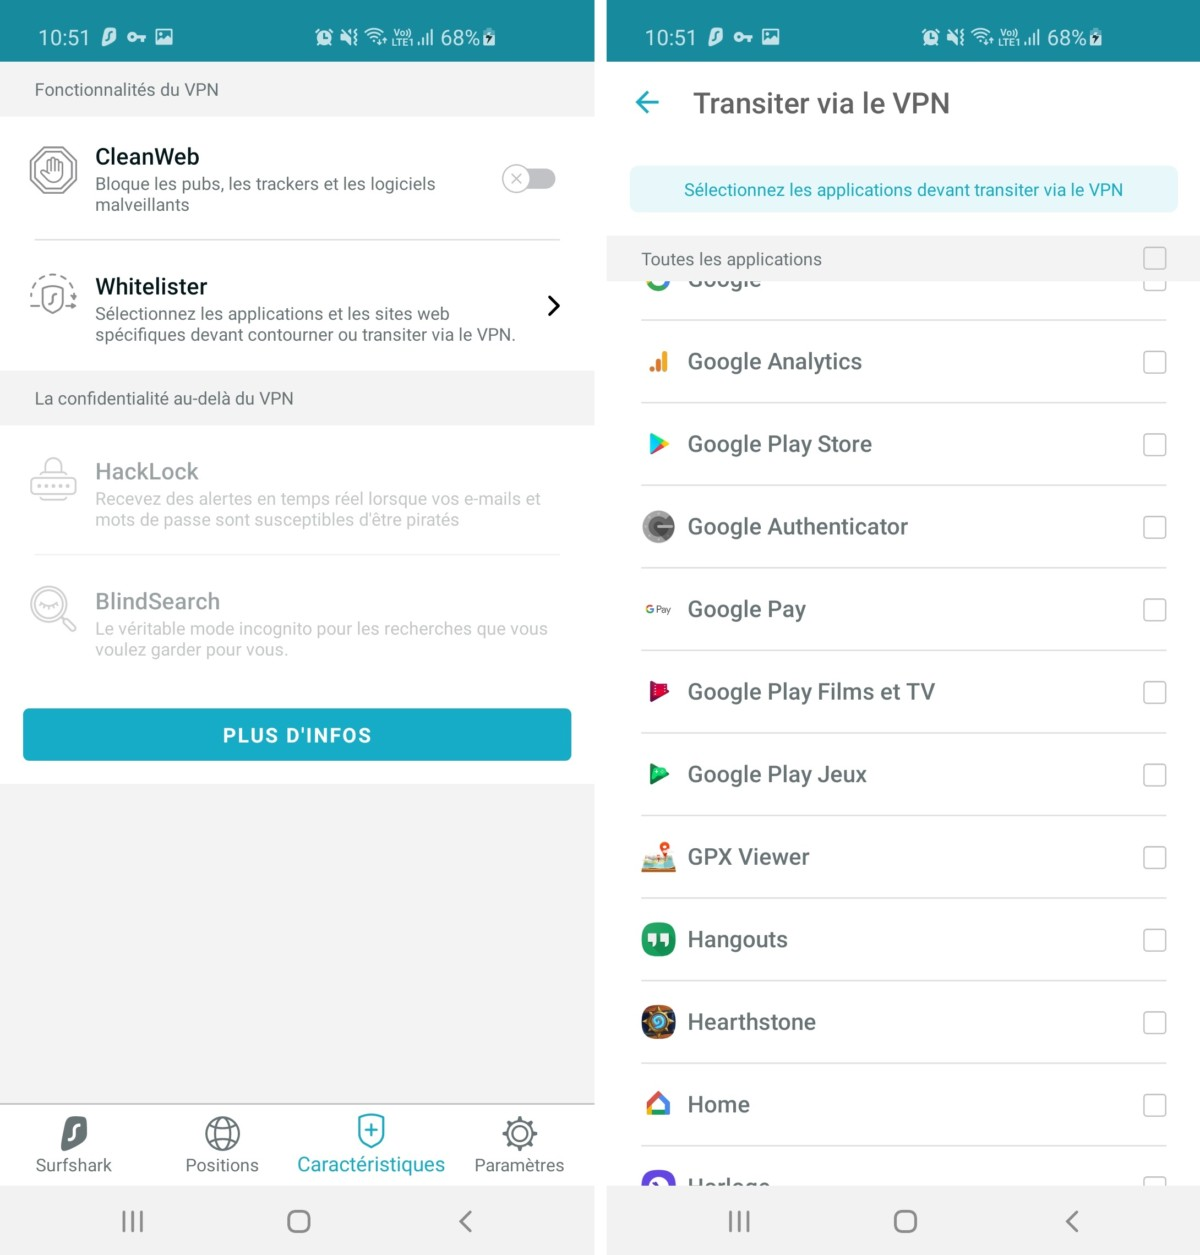 L'option Whitelister permet au VPN d'intégrer ou d'exclure des applications en particulier dans sa connexion à un serveur VPN.